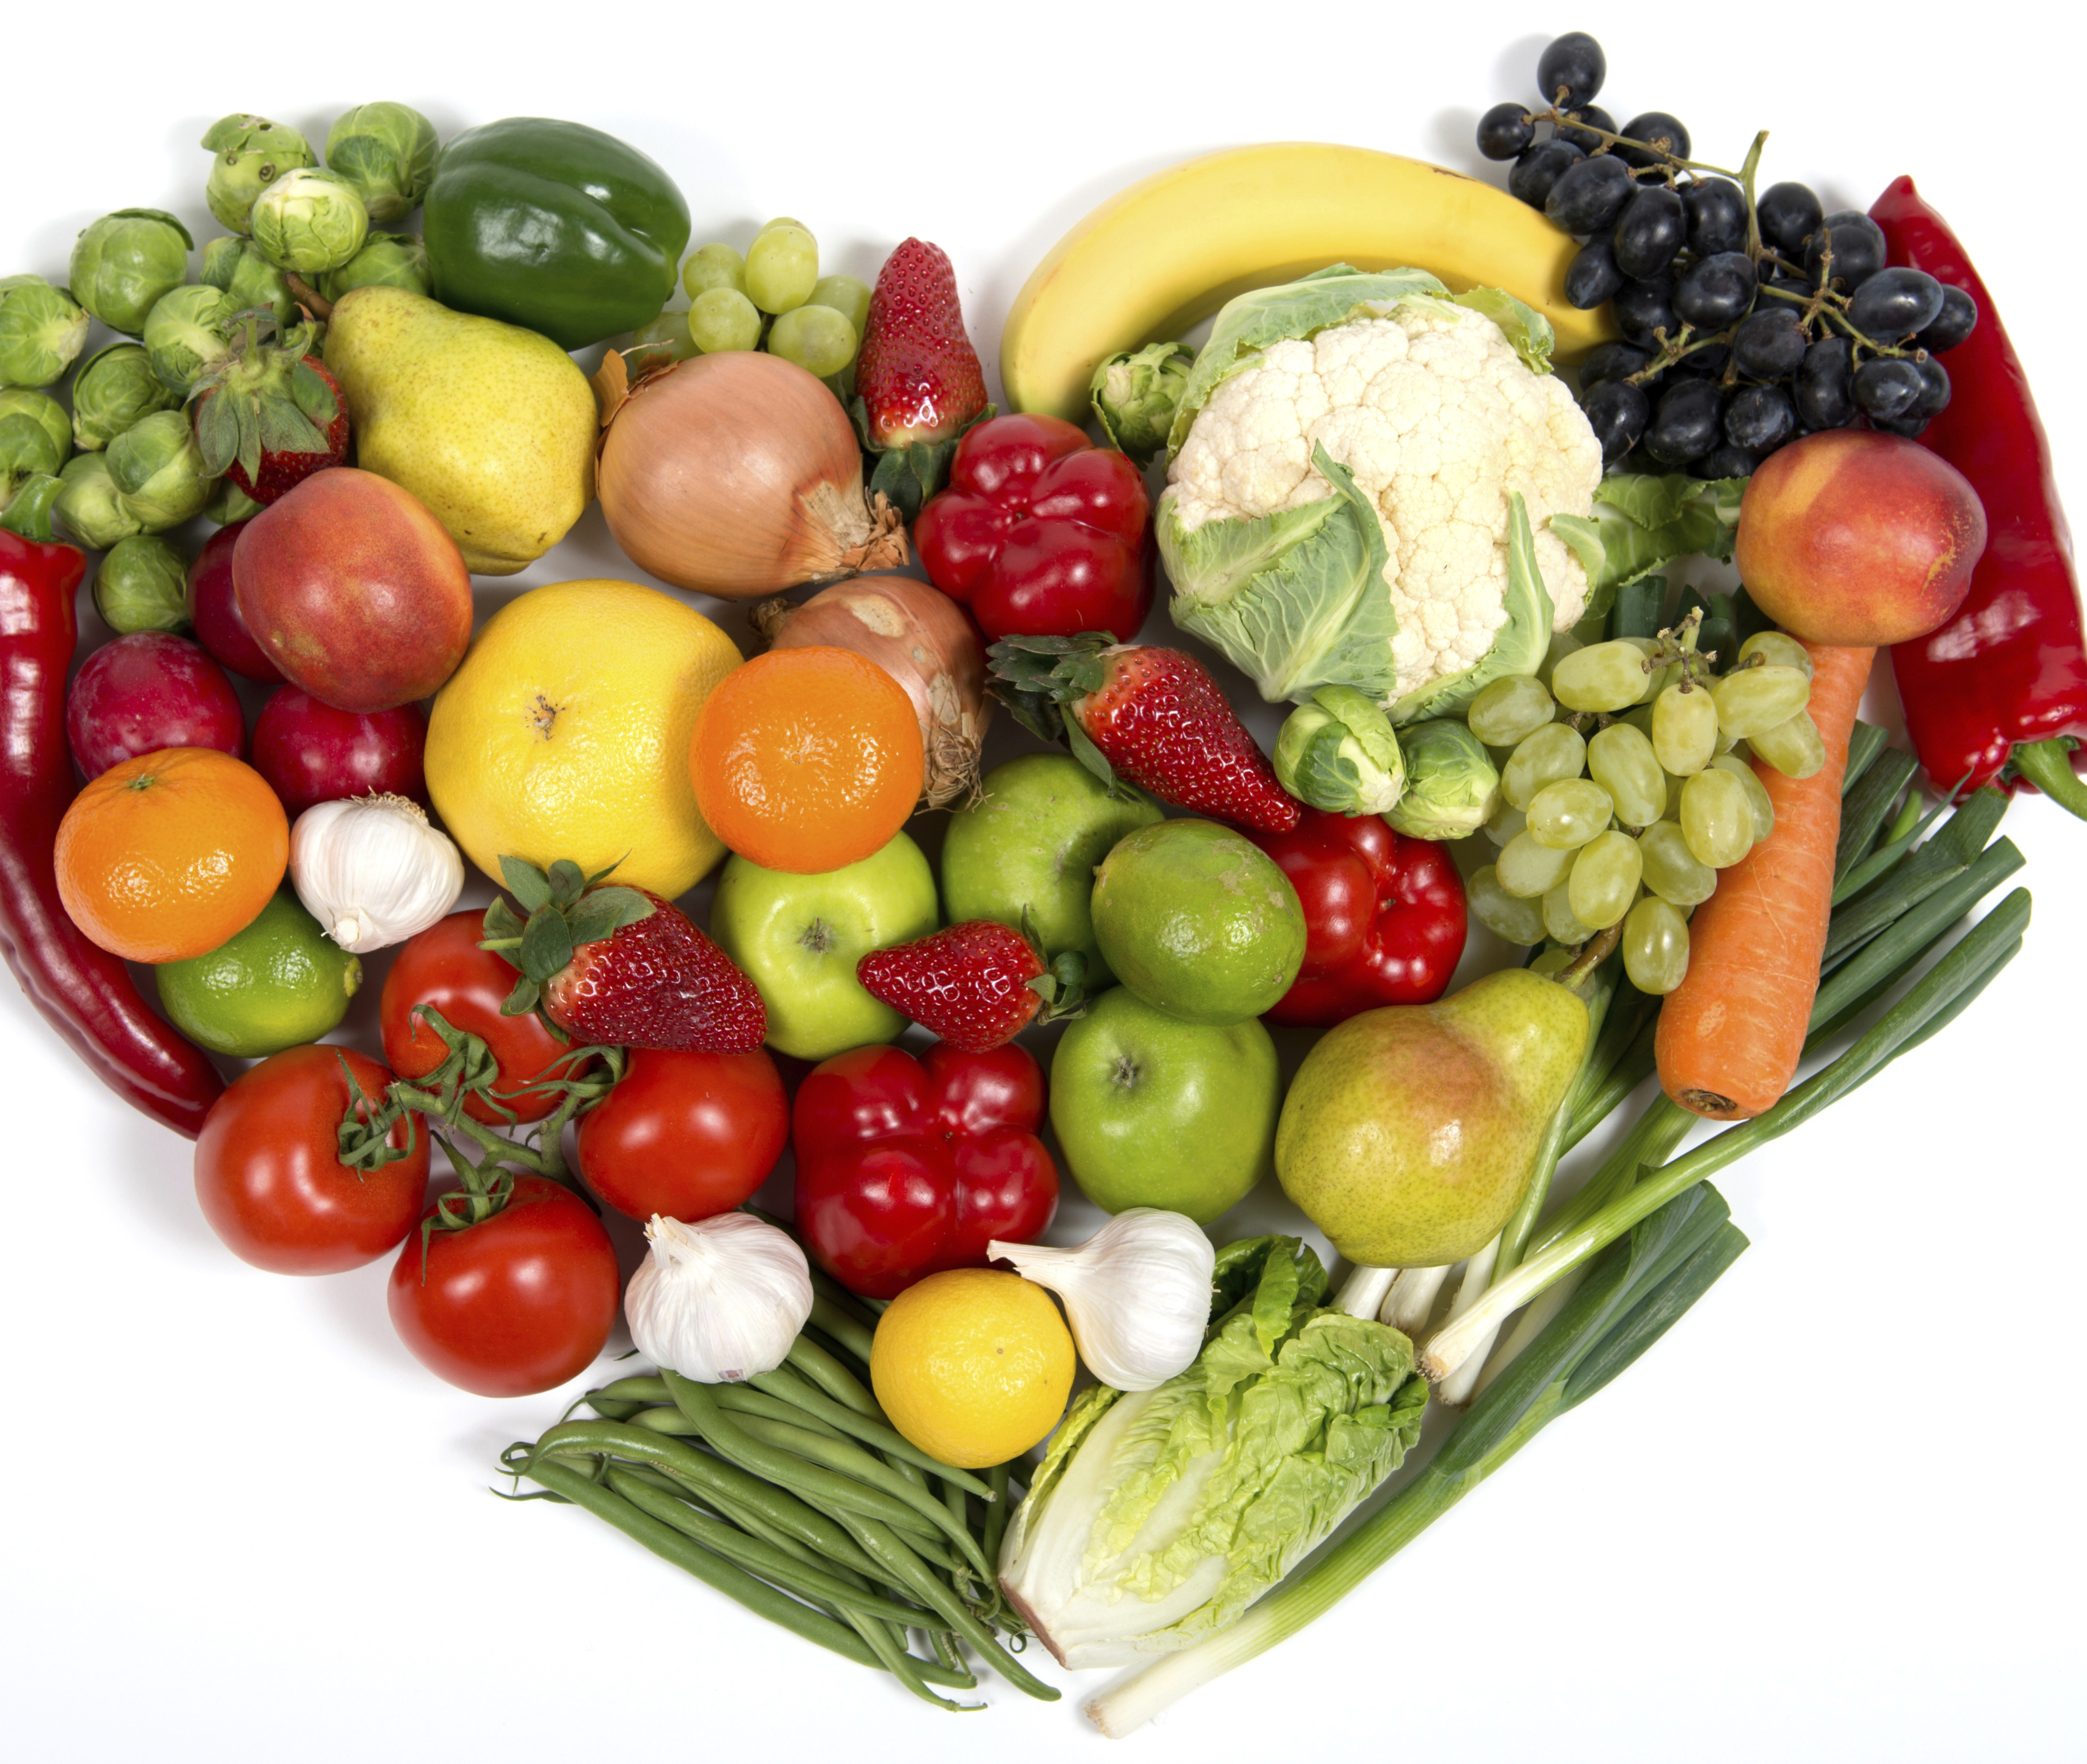 corazon y nutricion